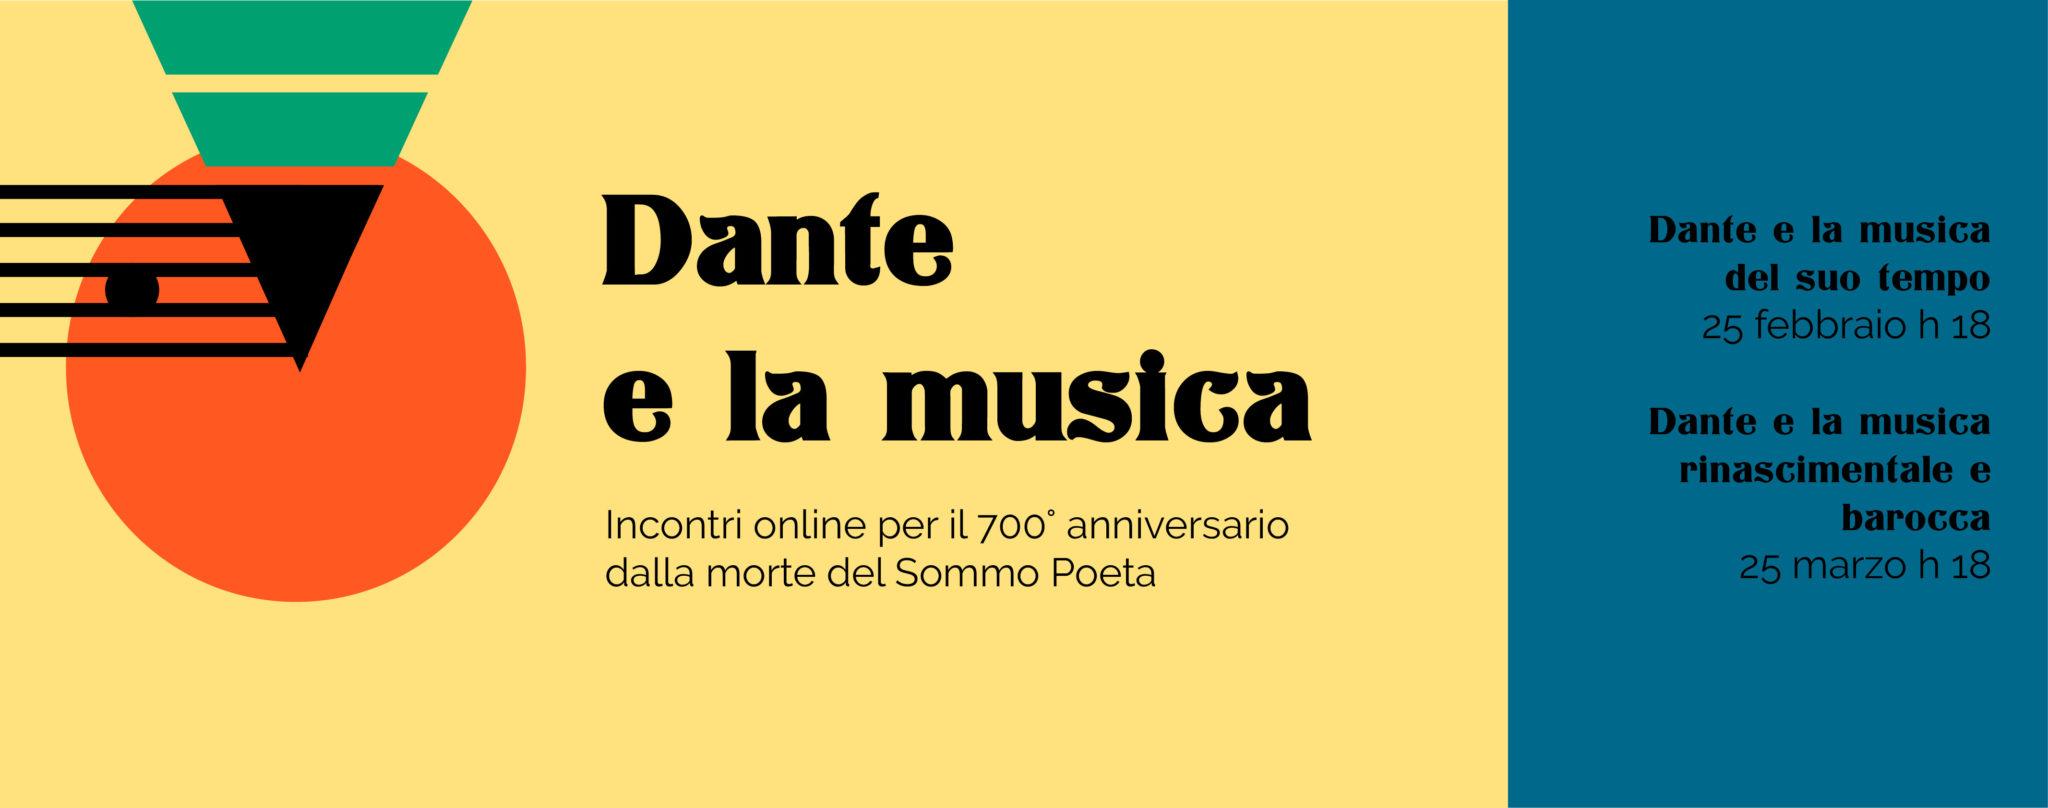 Dante e la musica